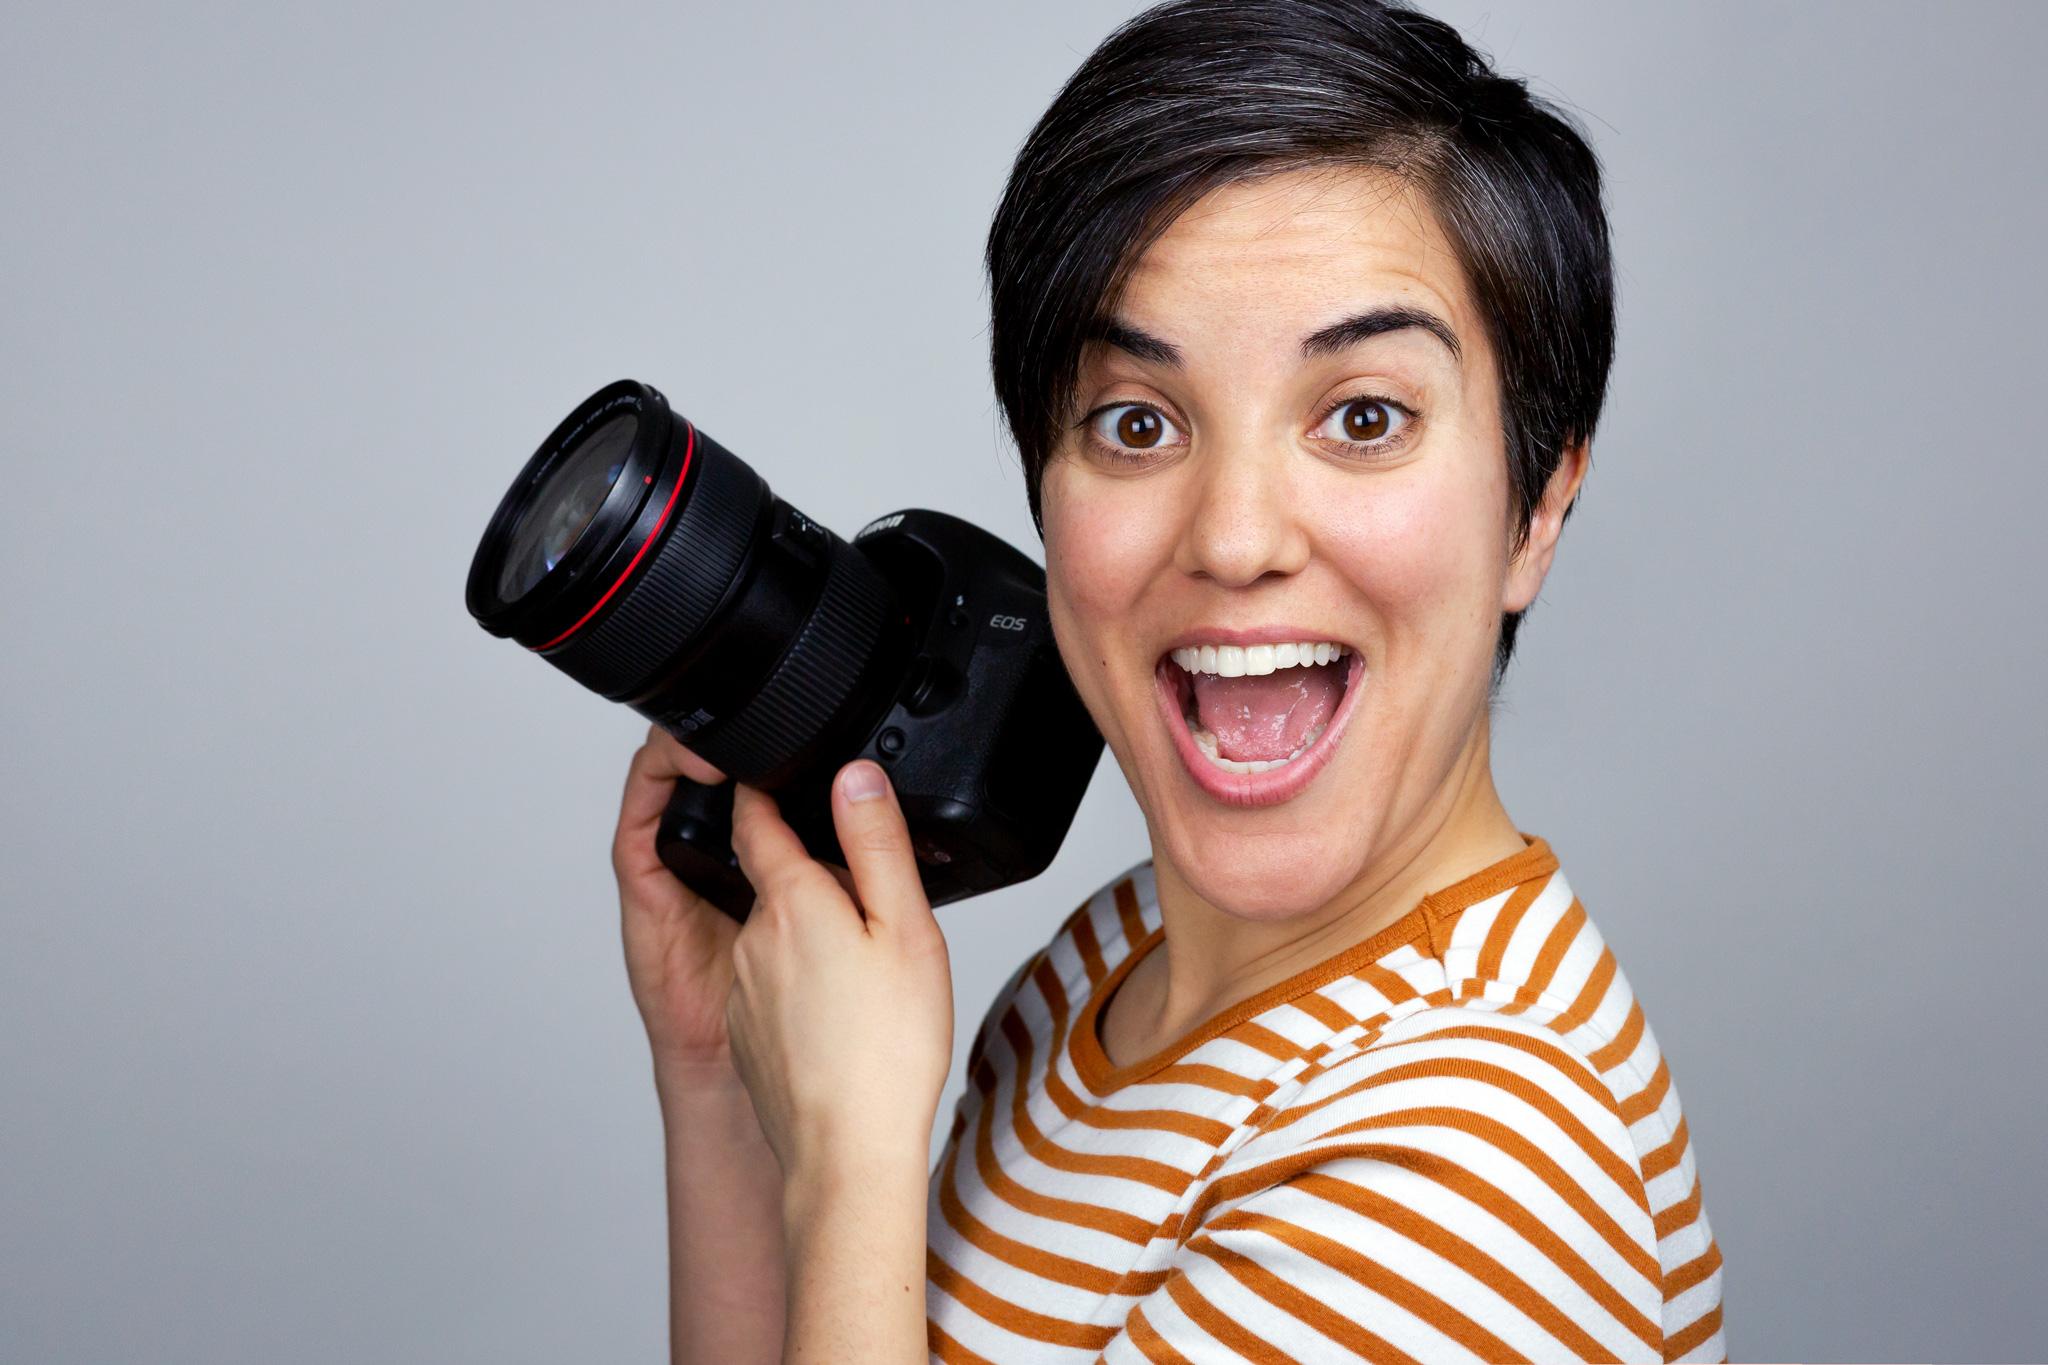 AlexisBuatti-Ramos_HyphenPhotography_CommercialPhotography.jpg